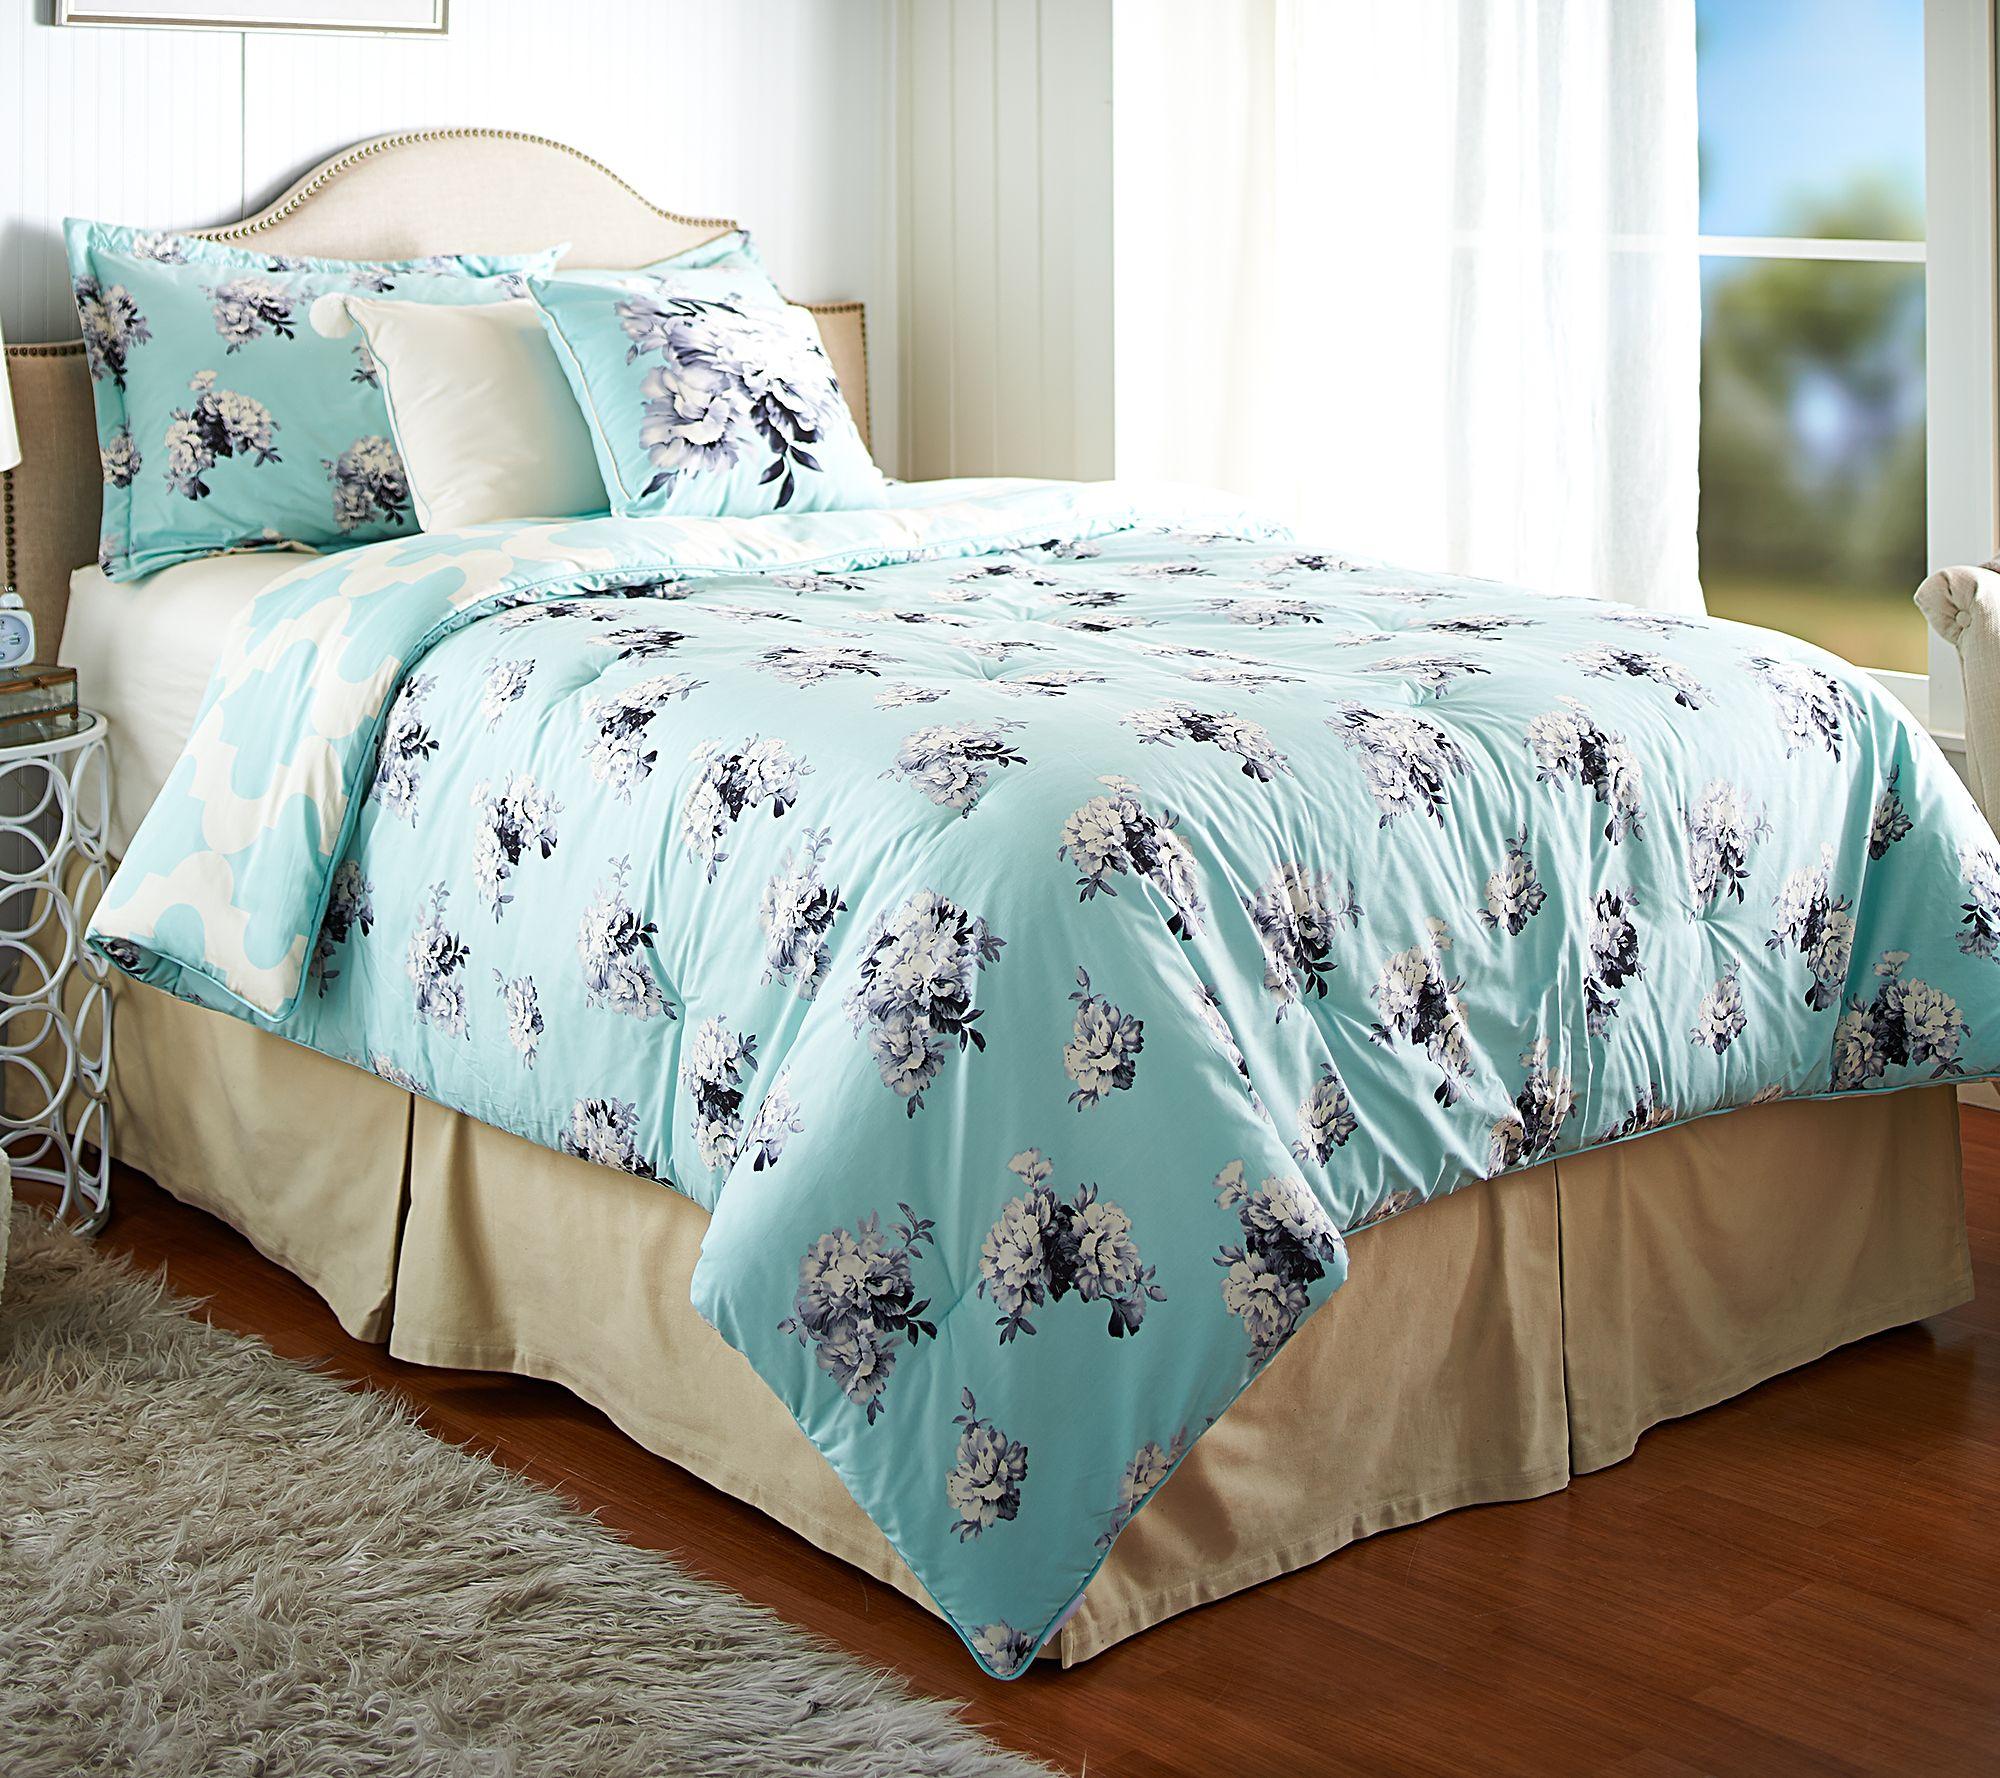 plum bed stewart comforter canada soc bath sets blossom martha shop king outlet set